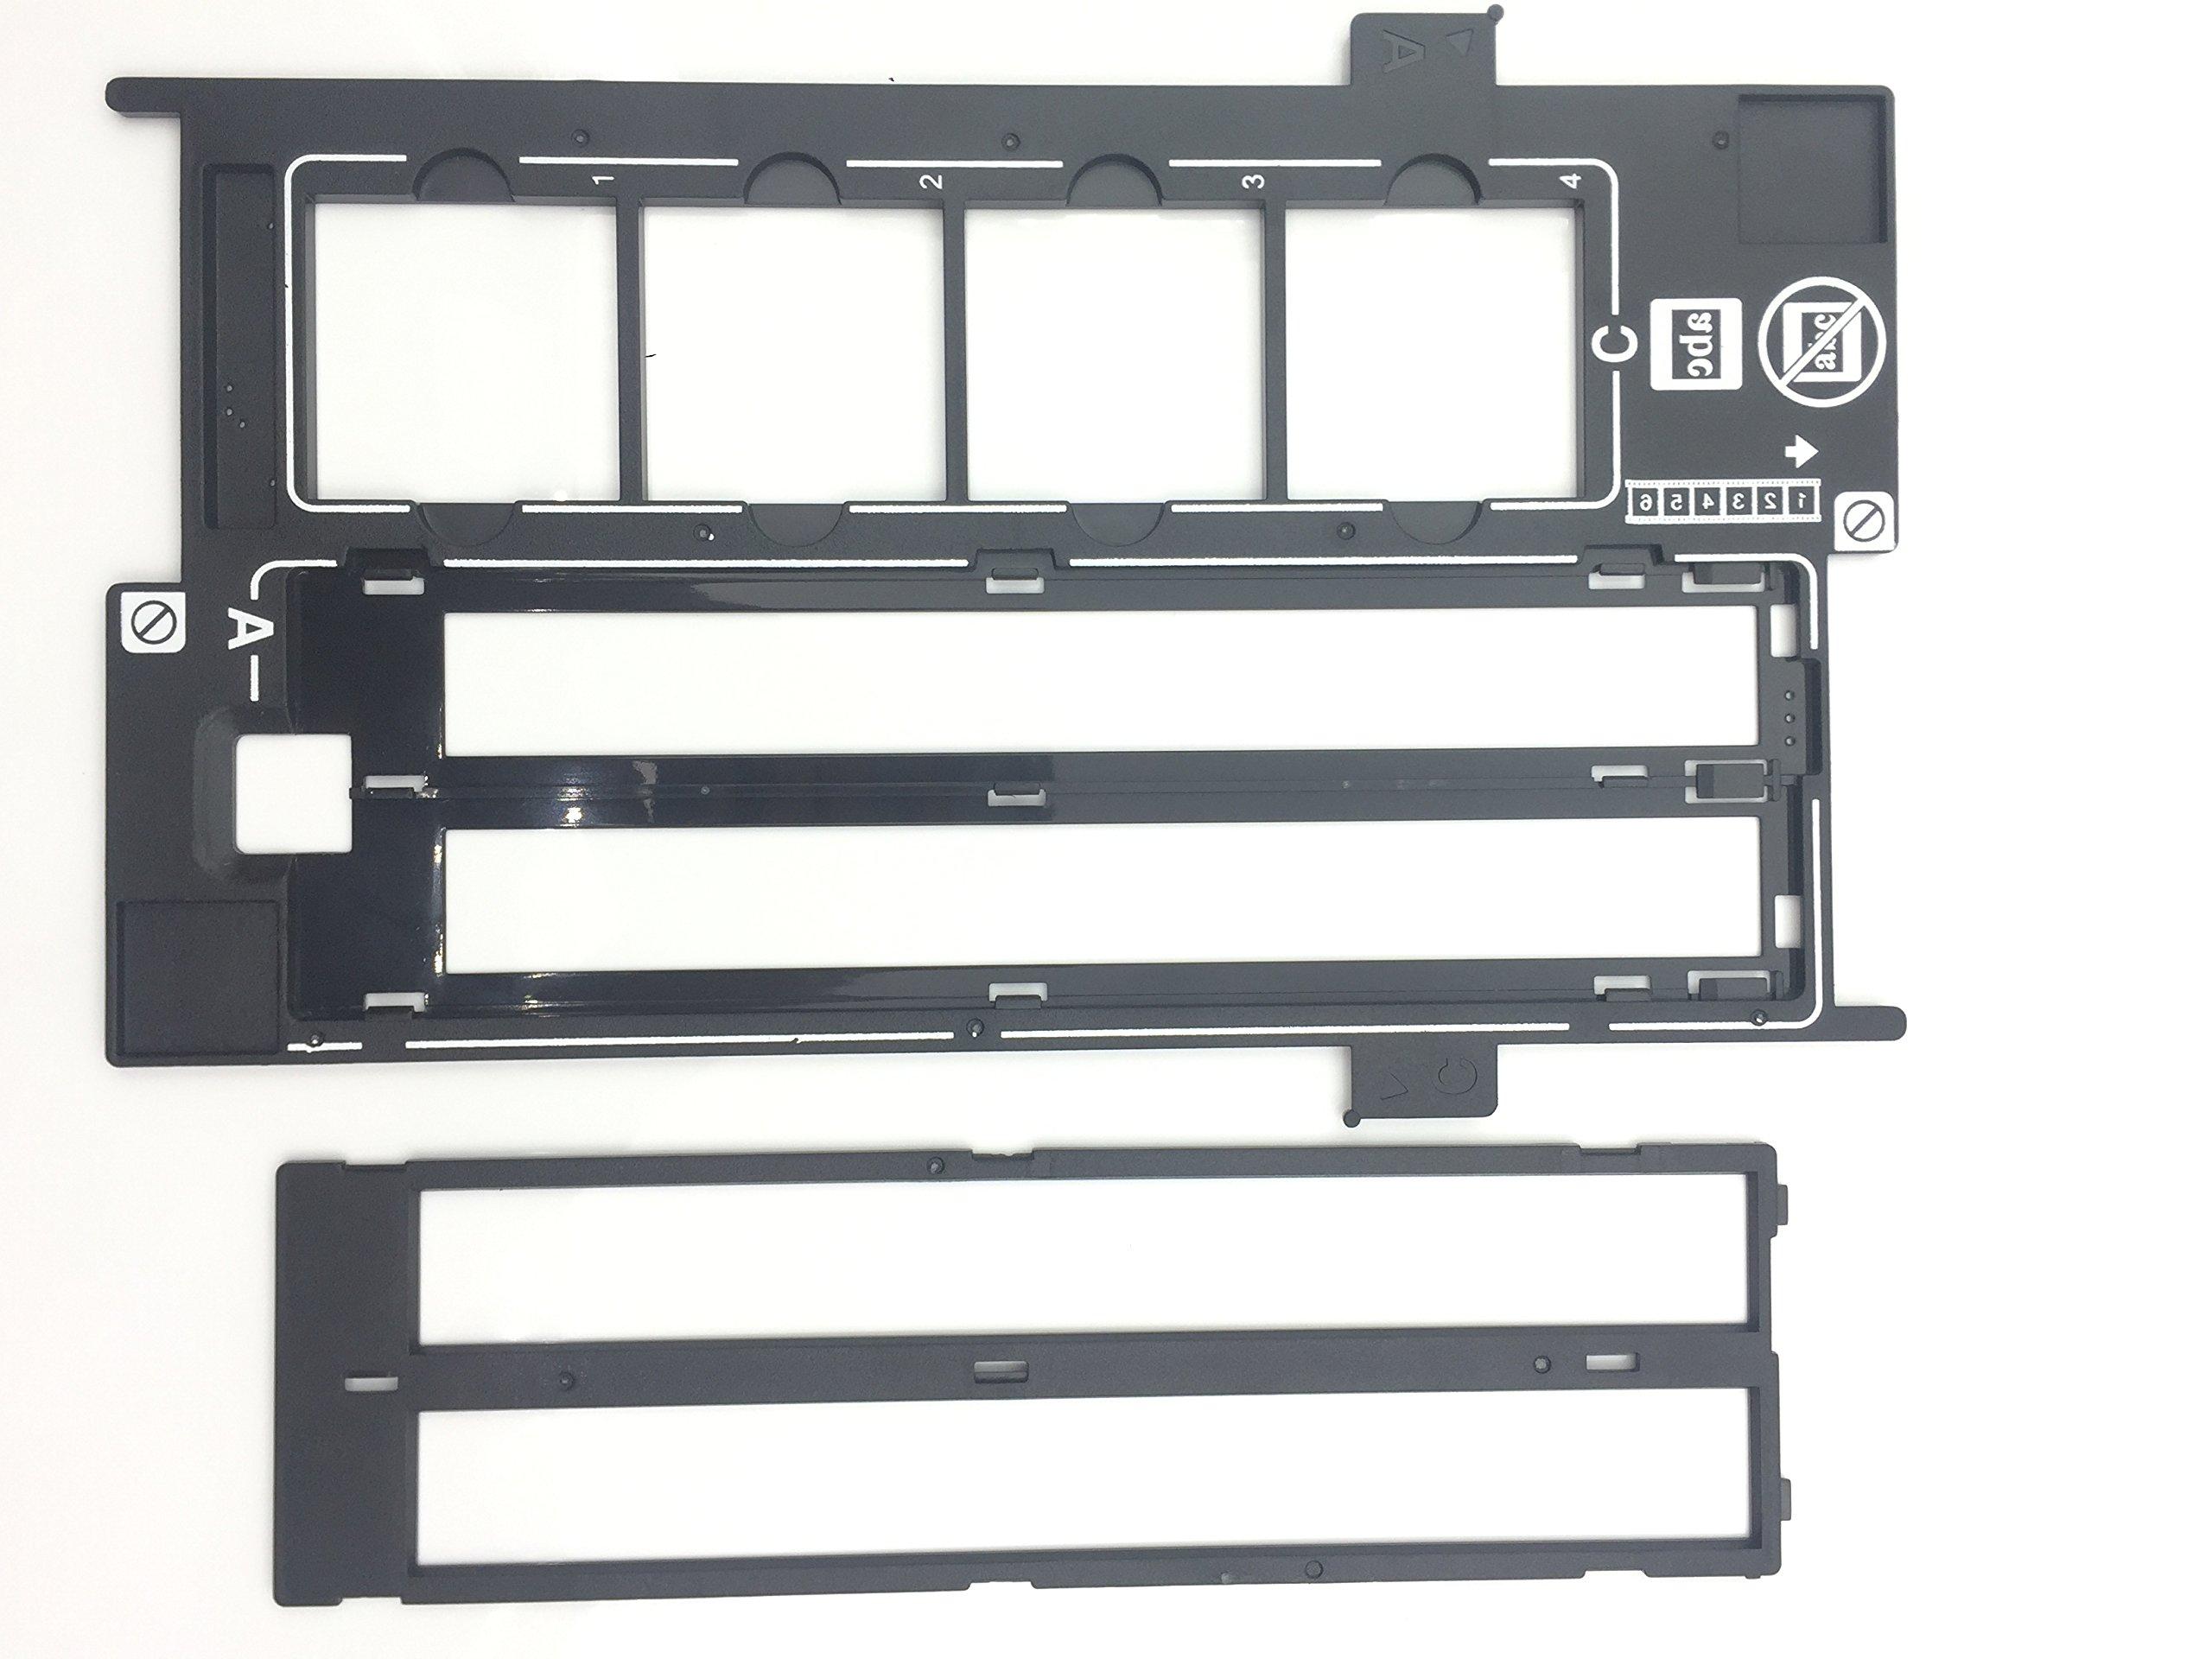 OKLILI 1423040 1403903 1401444 Photo Holder Assy Film Slide 35mm Negative Holder & Cover Halter Film Guide for Epson Perfection V500 V550 V600 4490 4990 2450 3170 3200 4180 X750 X770 X820